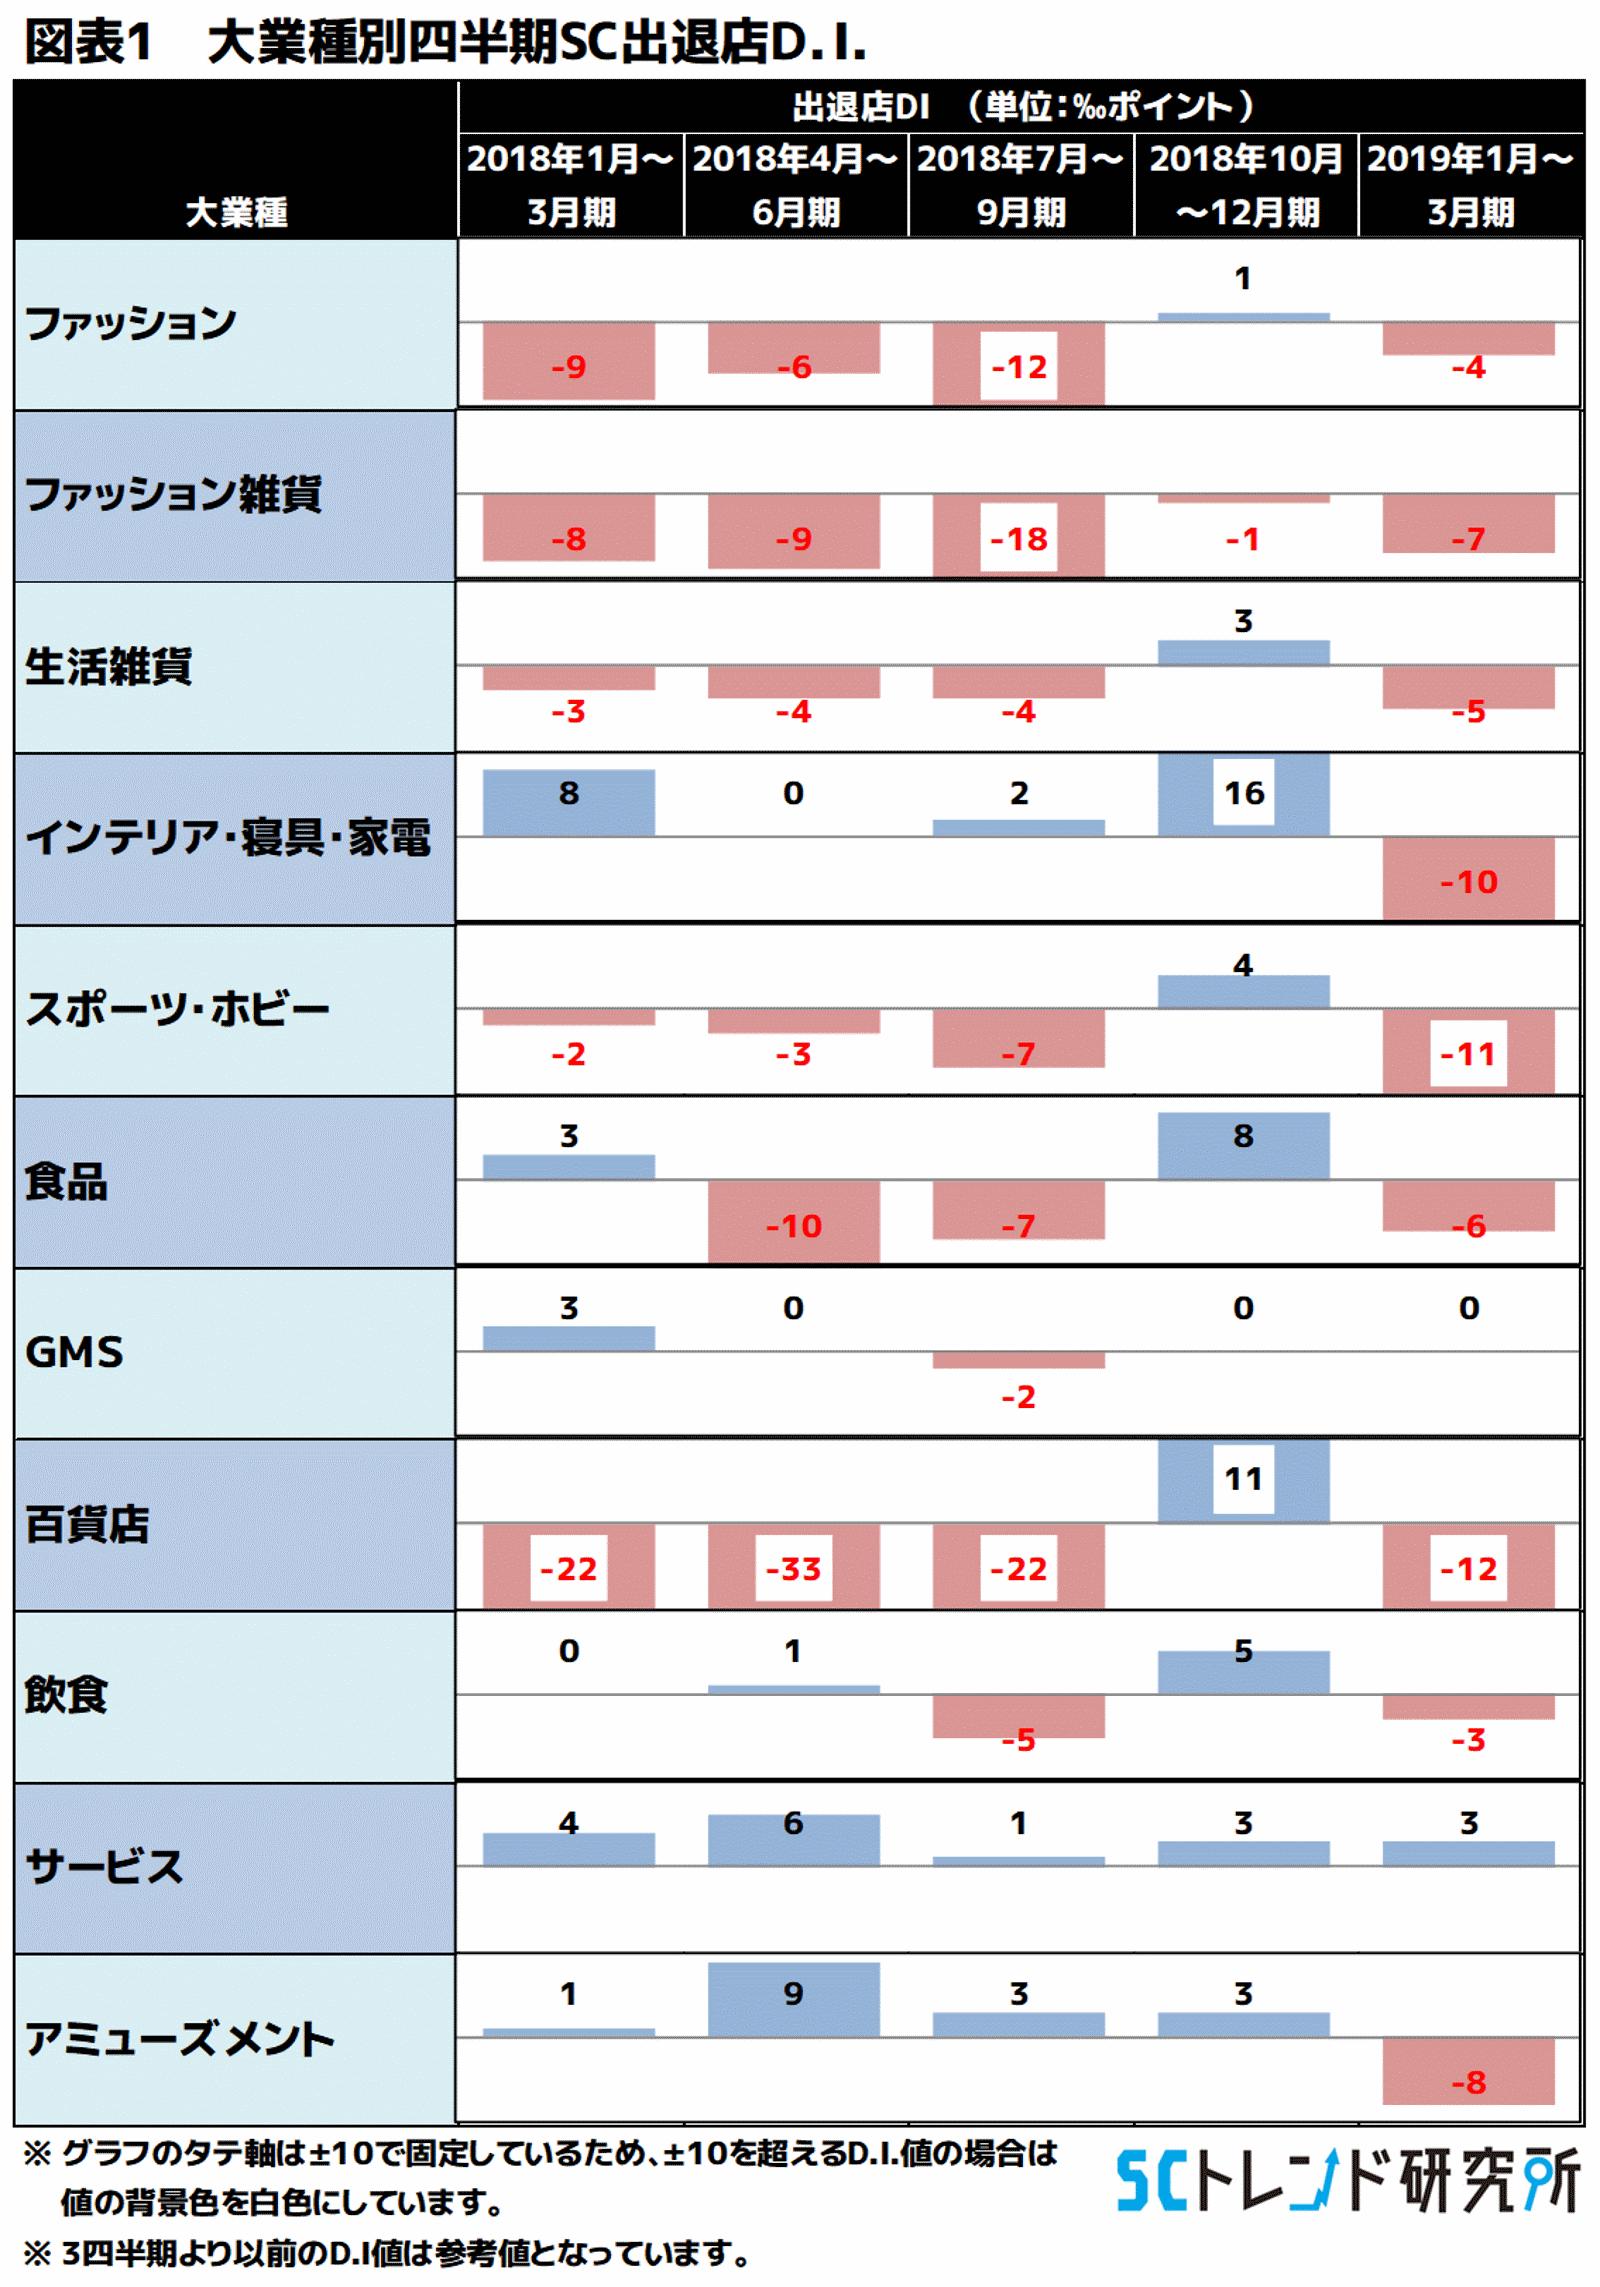 図表1 大業種別四半期SC出退店D.I.